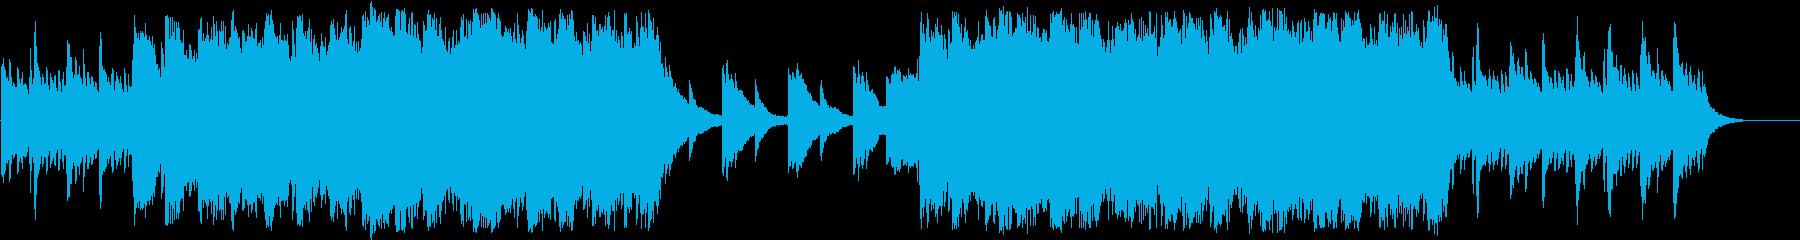 感動的なハープとピアノとストリングスの再生済みの波形